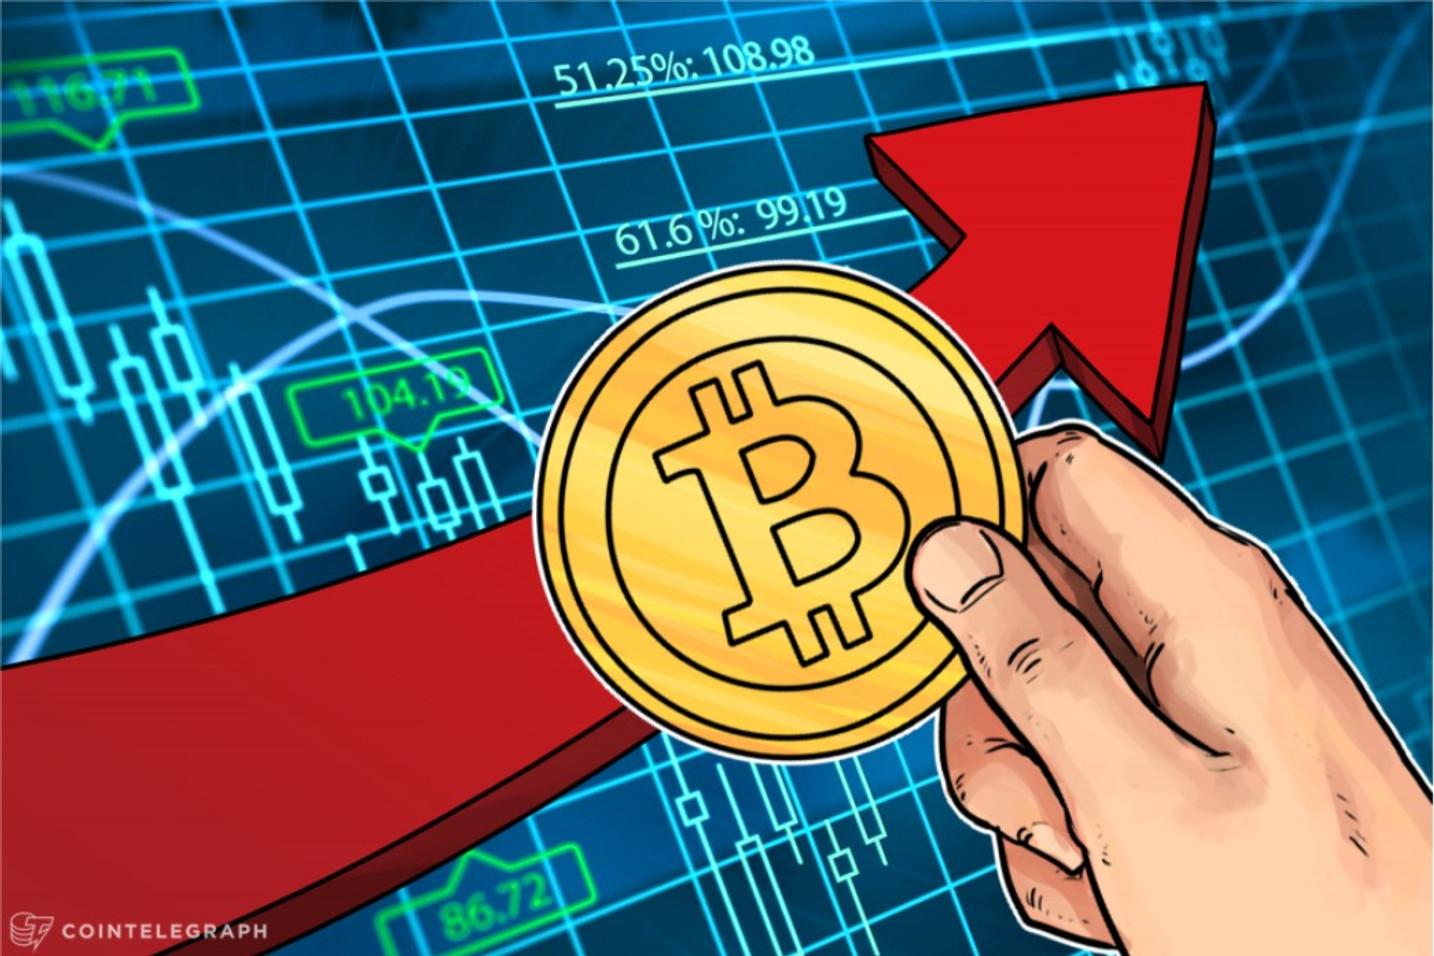 'Ninguém está fazendo short de Bitcoin agora' explica CEO de empresa de investimentos com criptomoedas